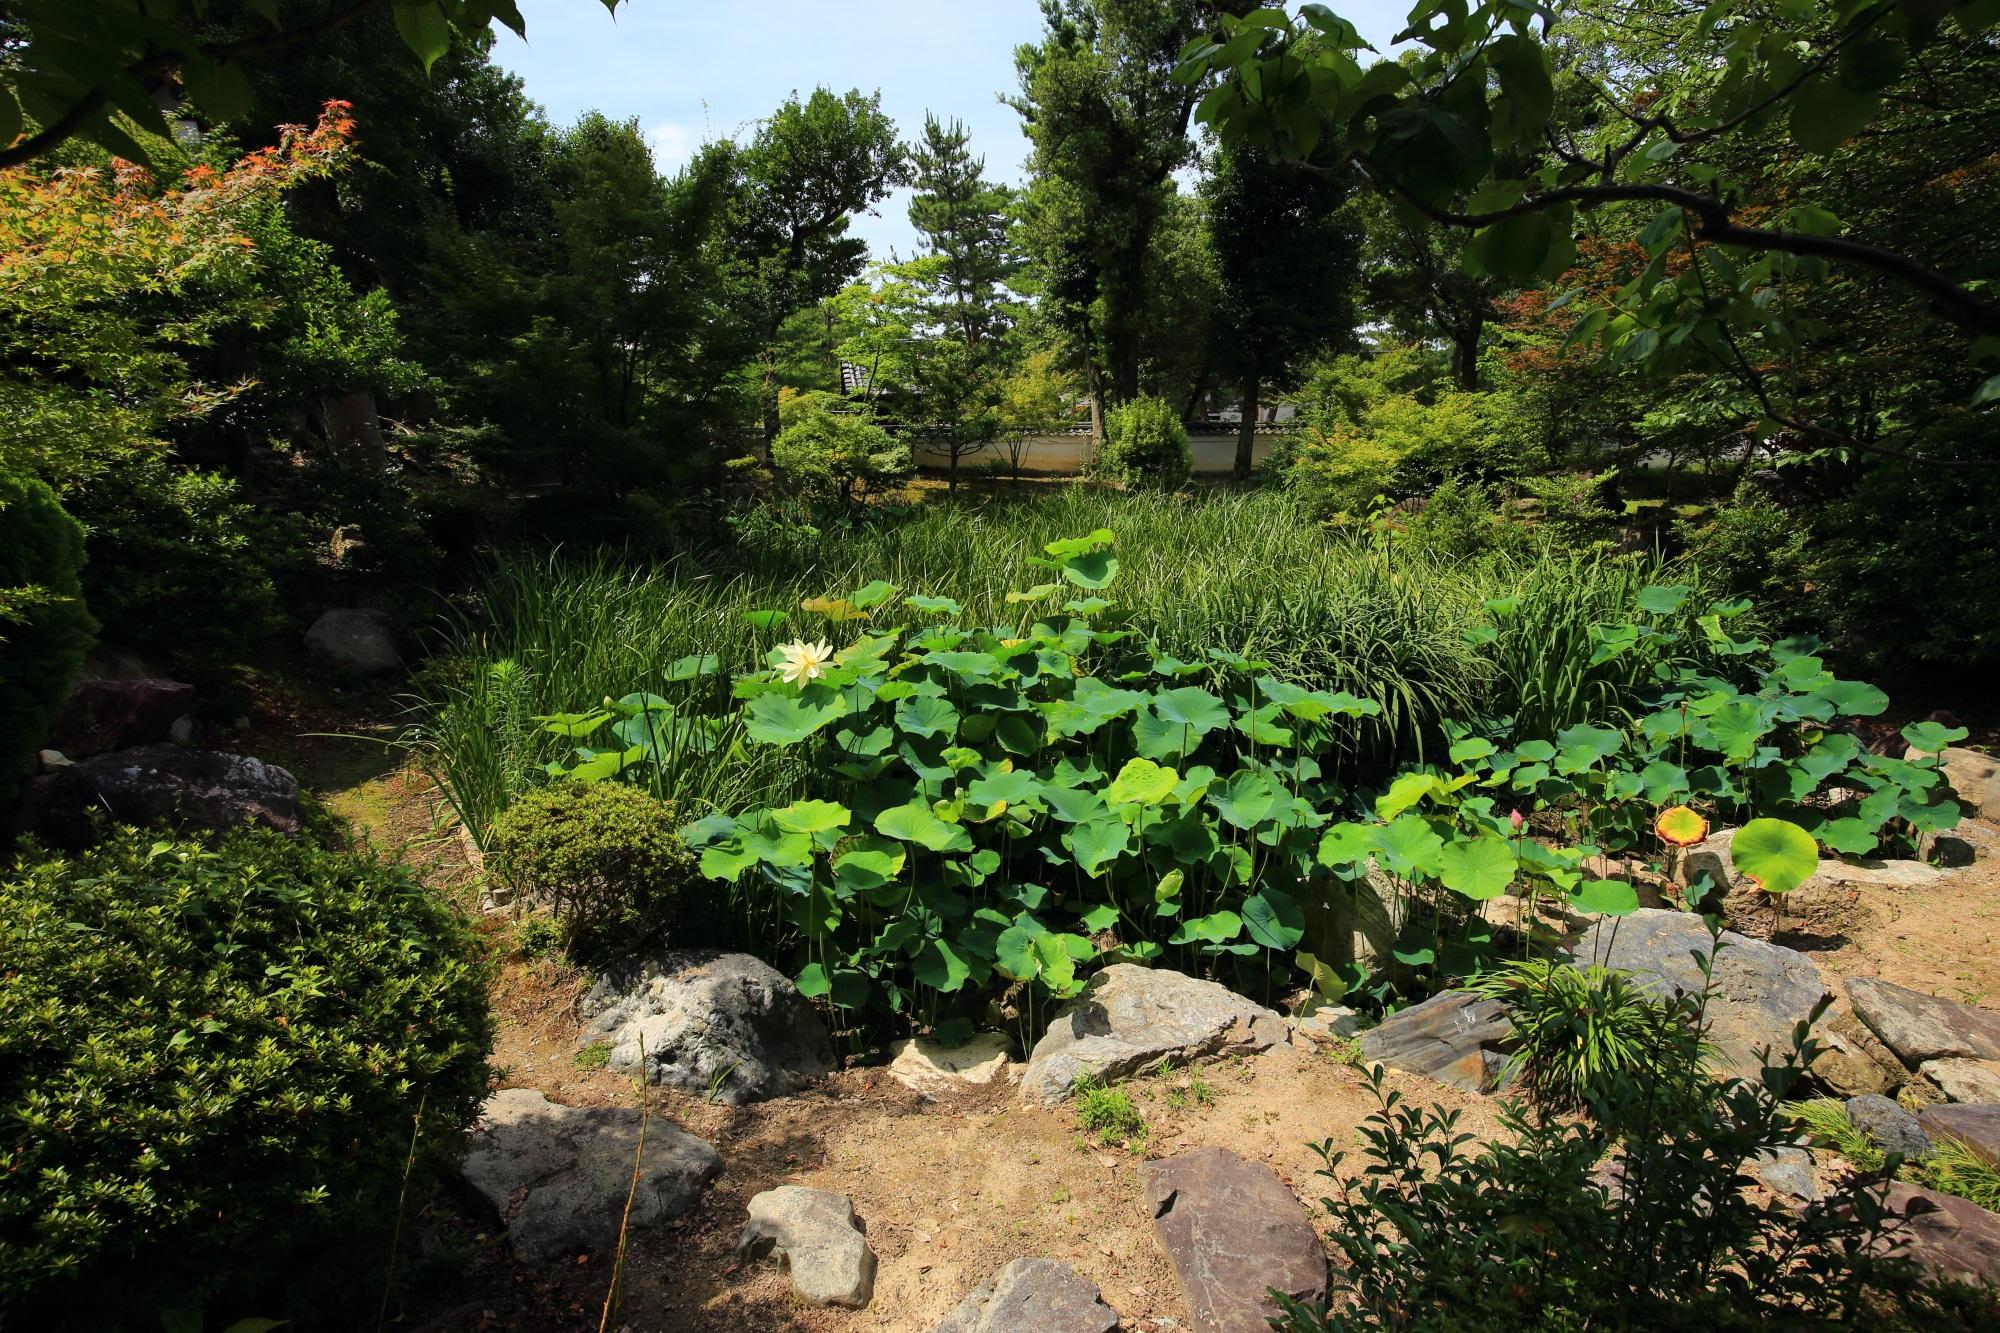 萬福寺の回廊沿いにある緑溢れる中和園の蓮